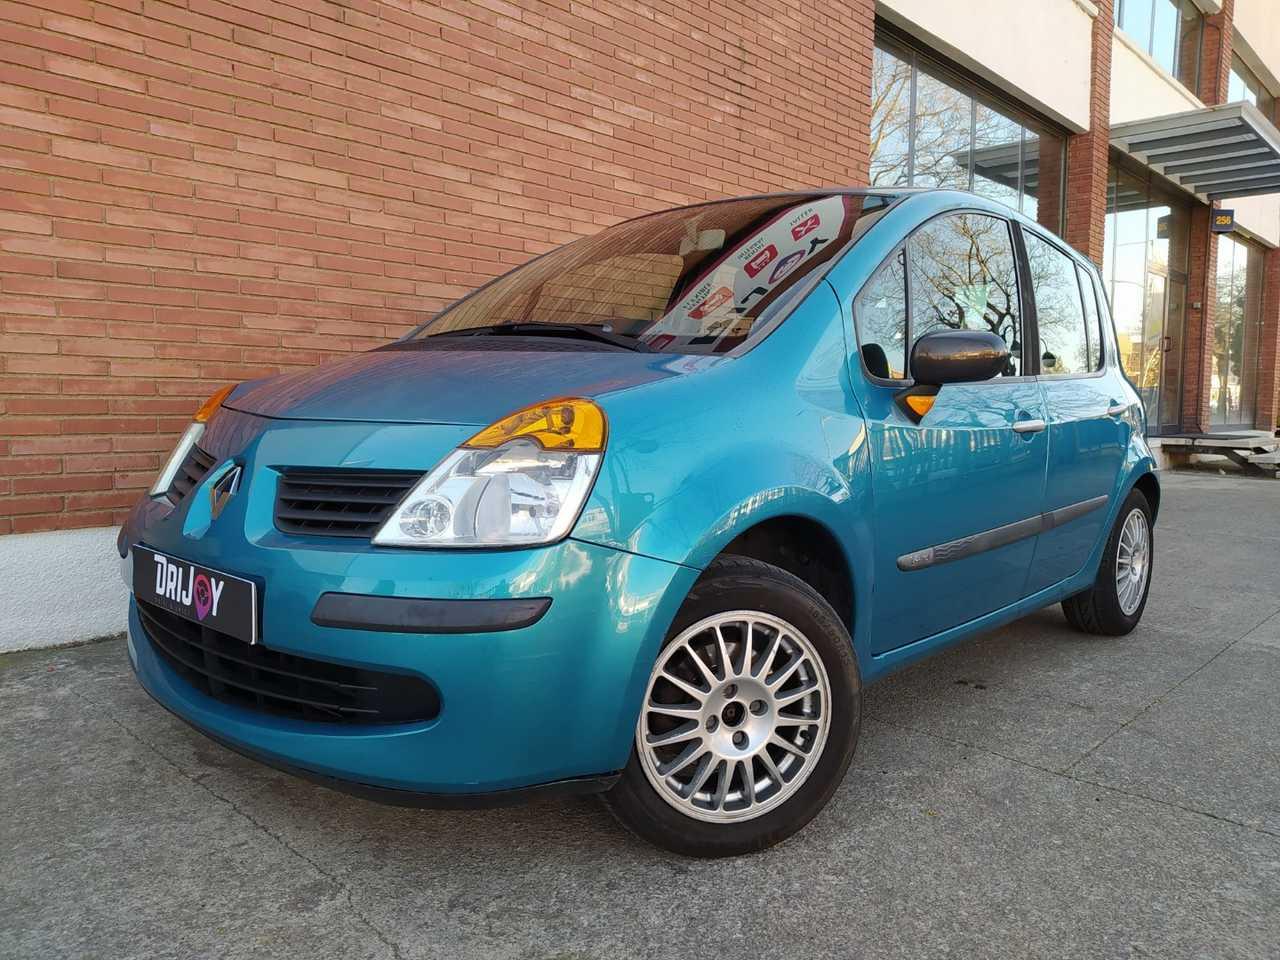 Renault Modus Confort Dynamique 1.4 16v 5p.   - Foto 1